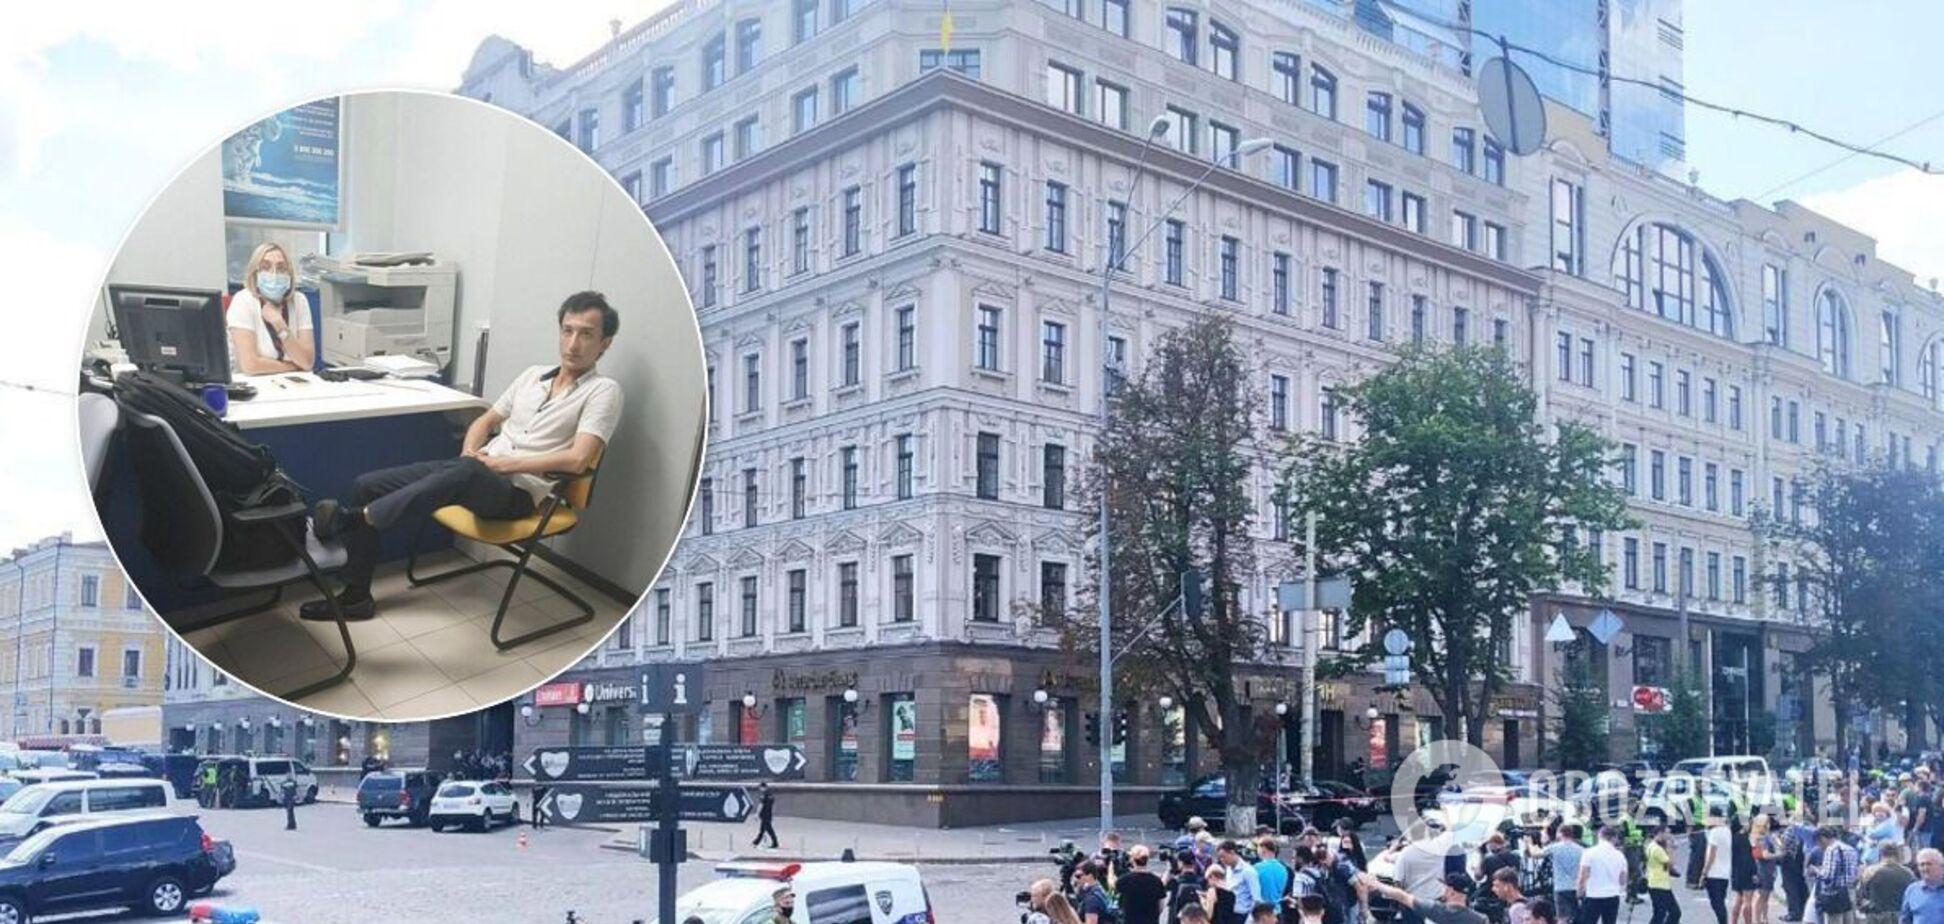 Мужчине, который угрожал взорвать банк в Киеве и взял заложницу, объявили подозрение